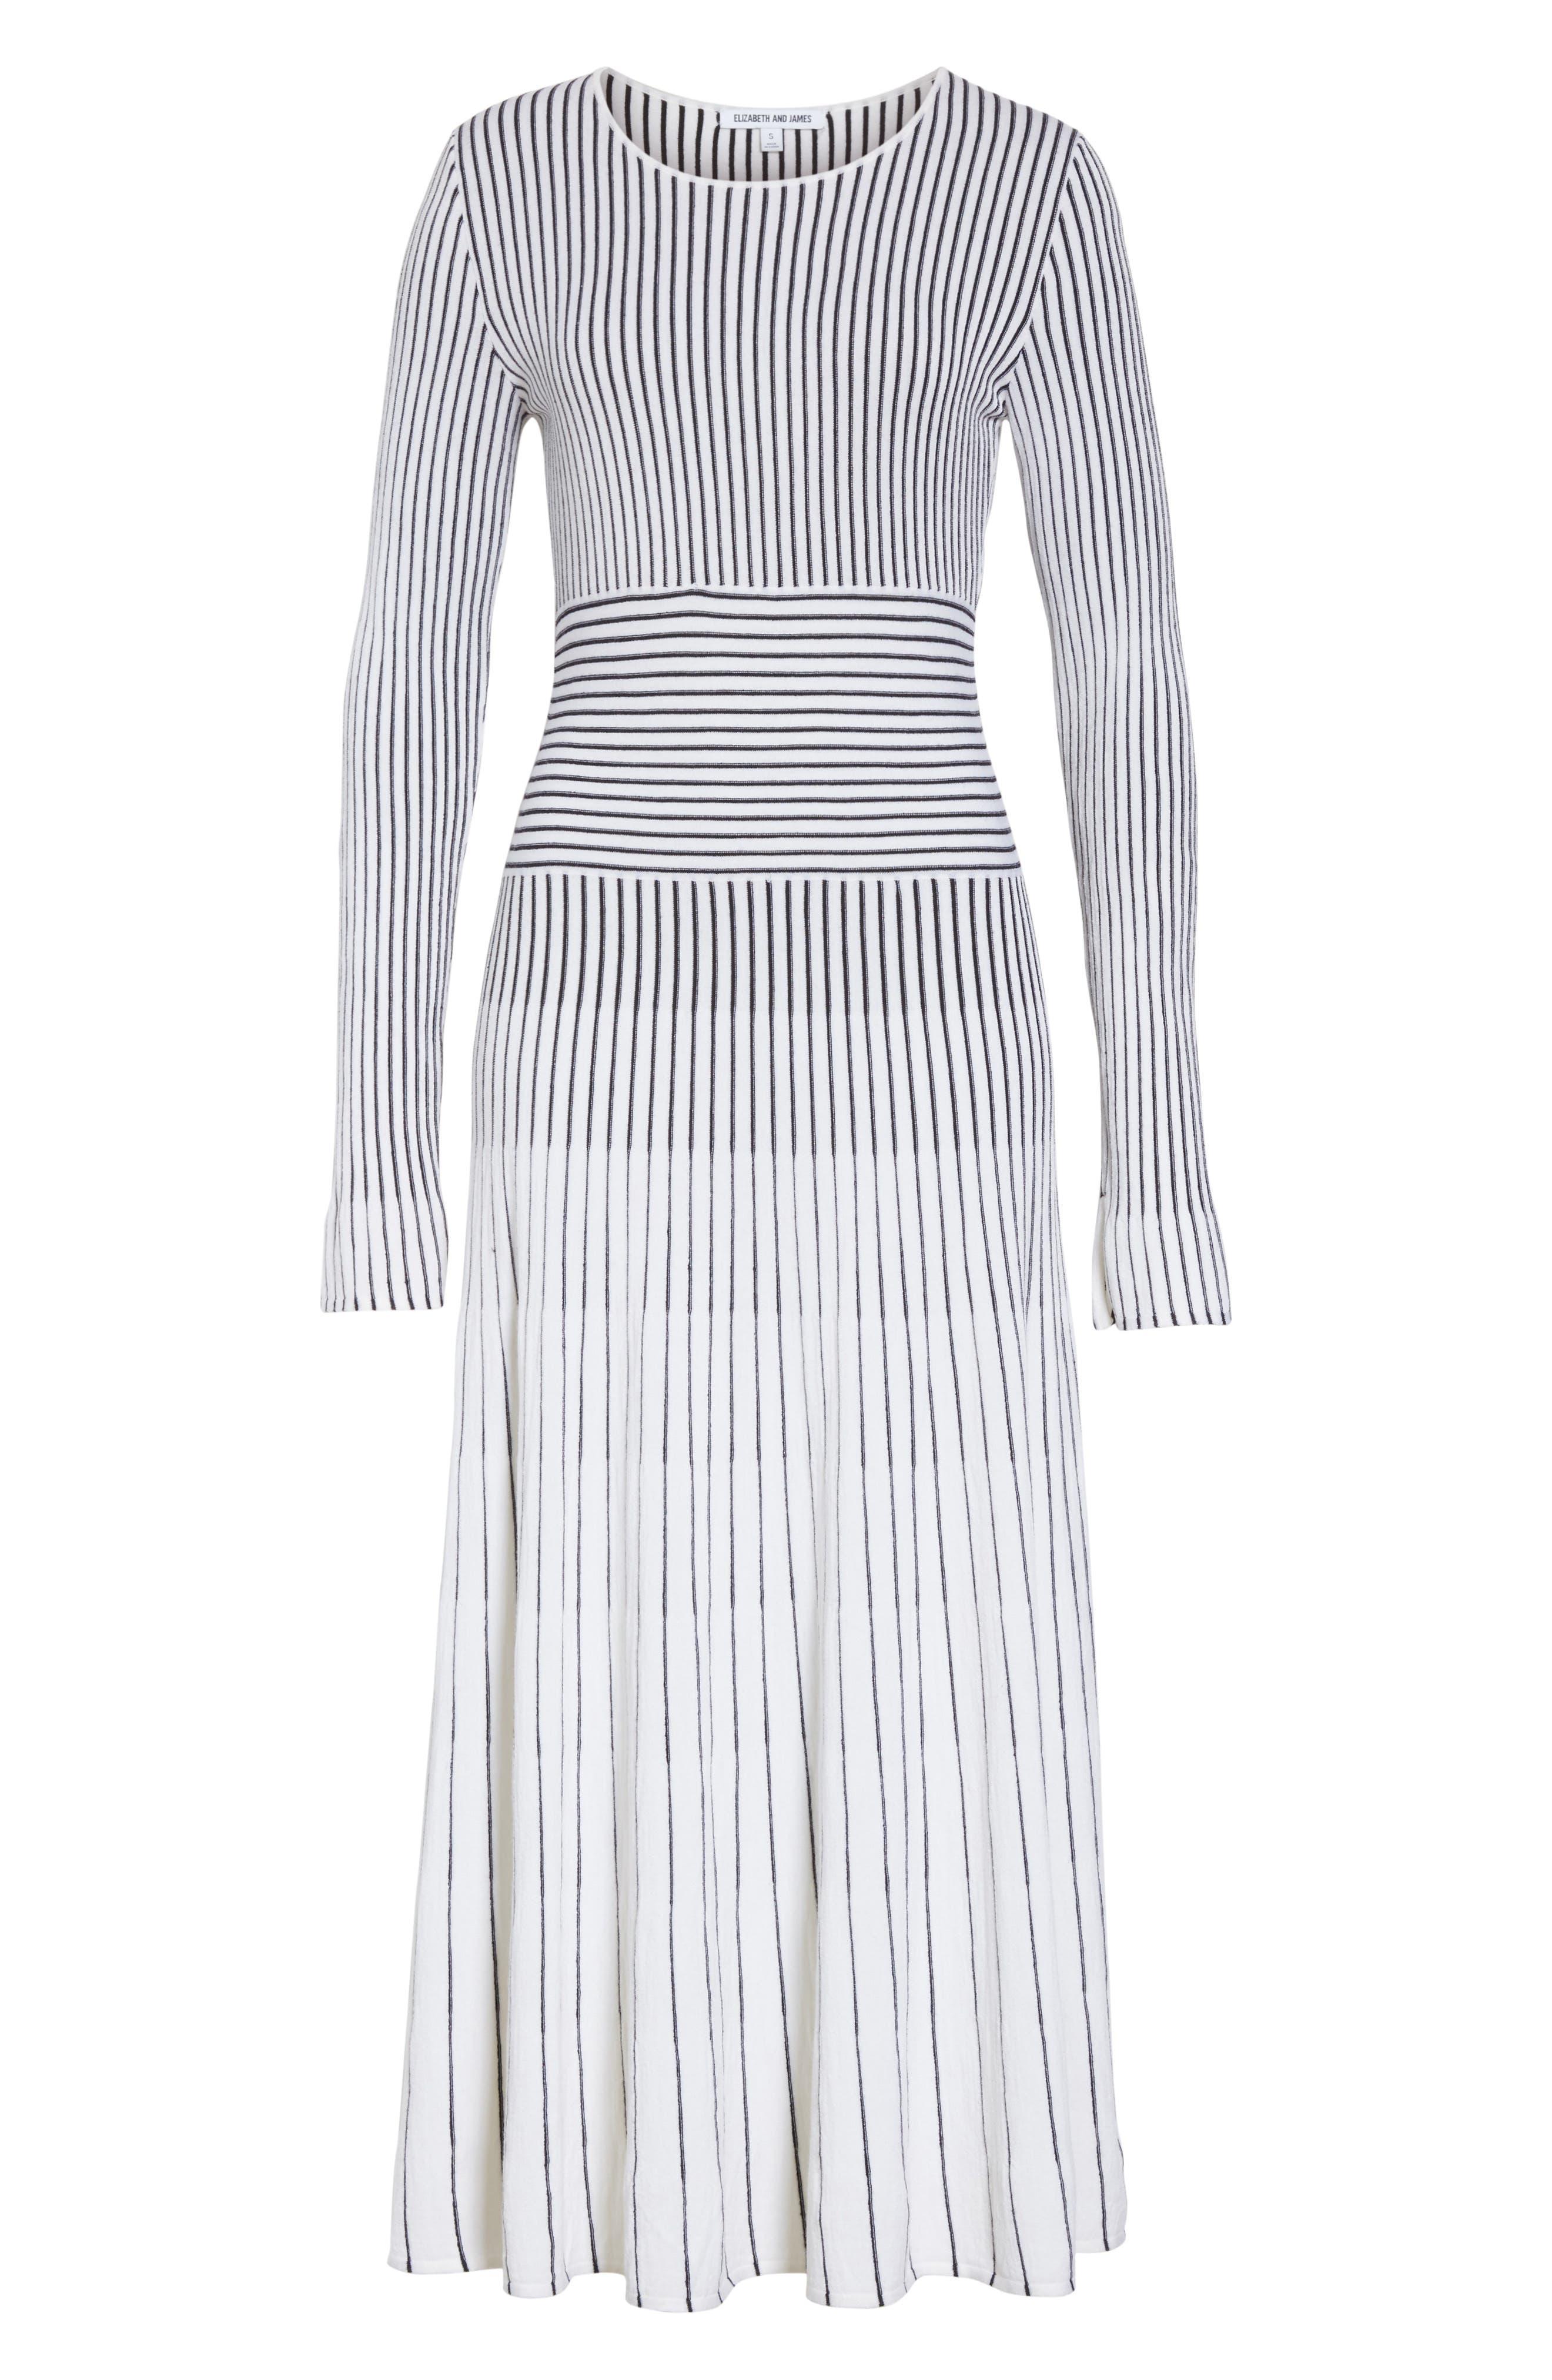 Sheridan Stripe Knit Midi Dress,                             Alternate thumbnail 6, color,